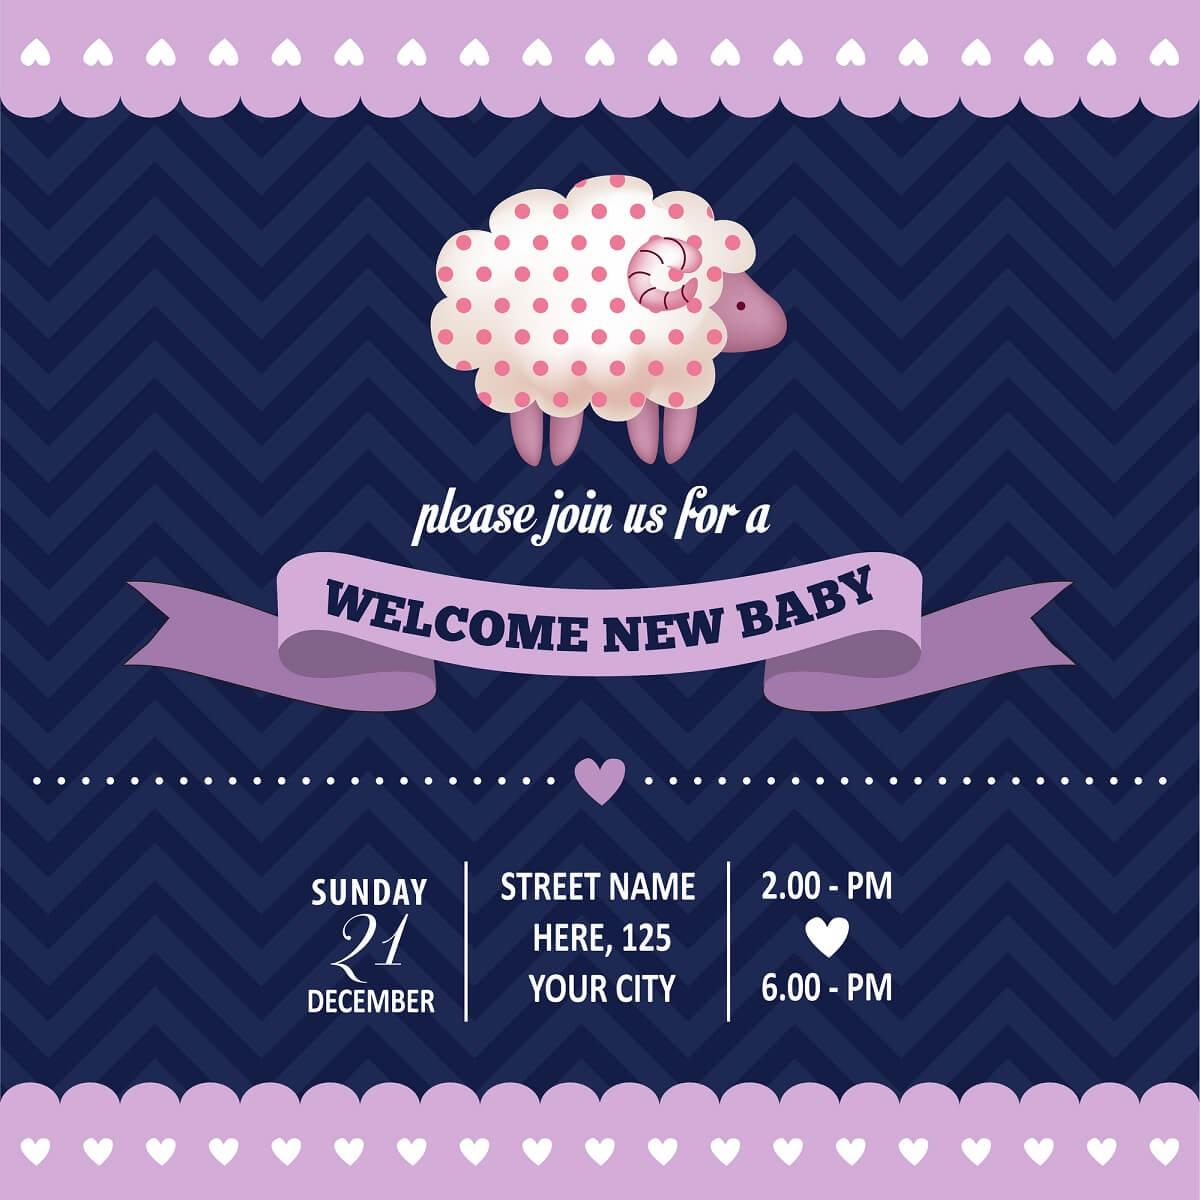 Babyparty Einladung - Eine typische Einladungskarte zur Babyparty in den USA